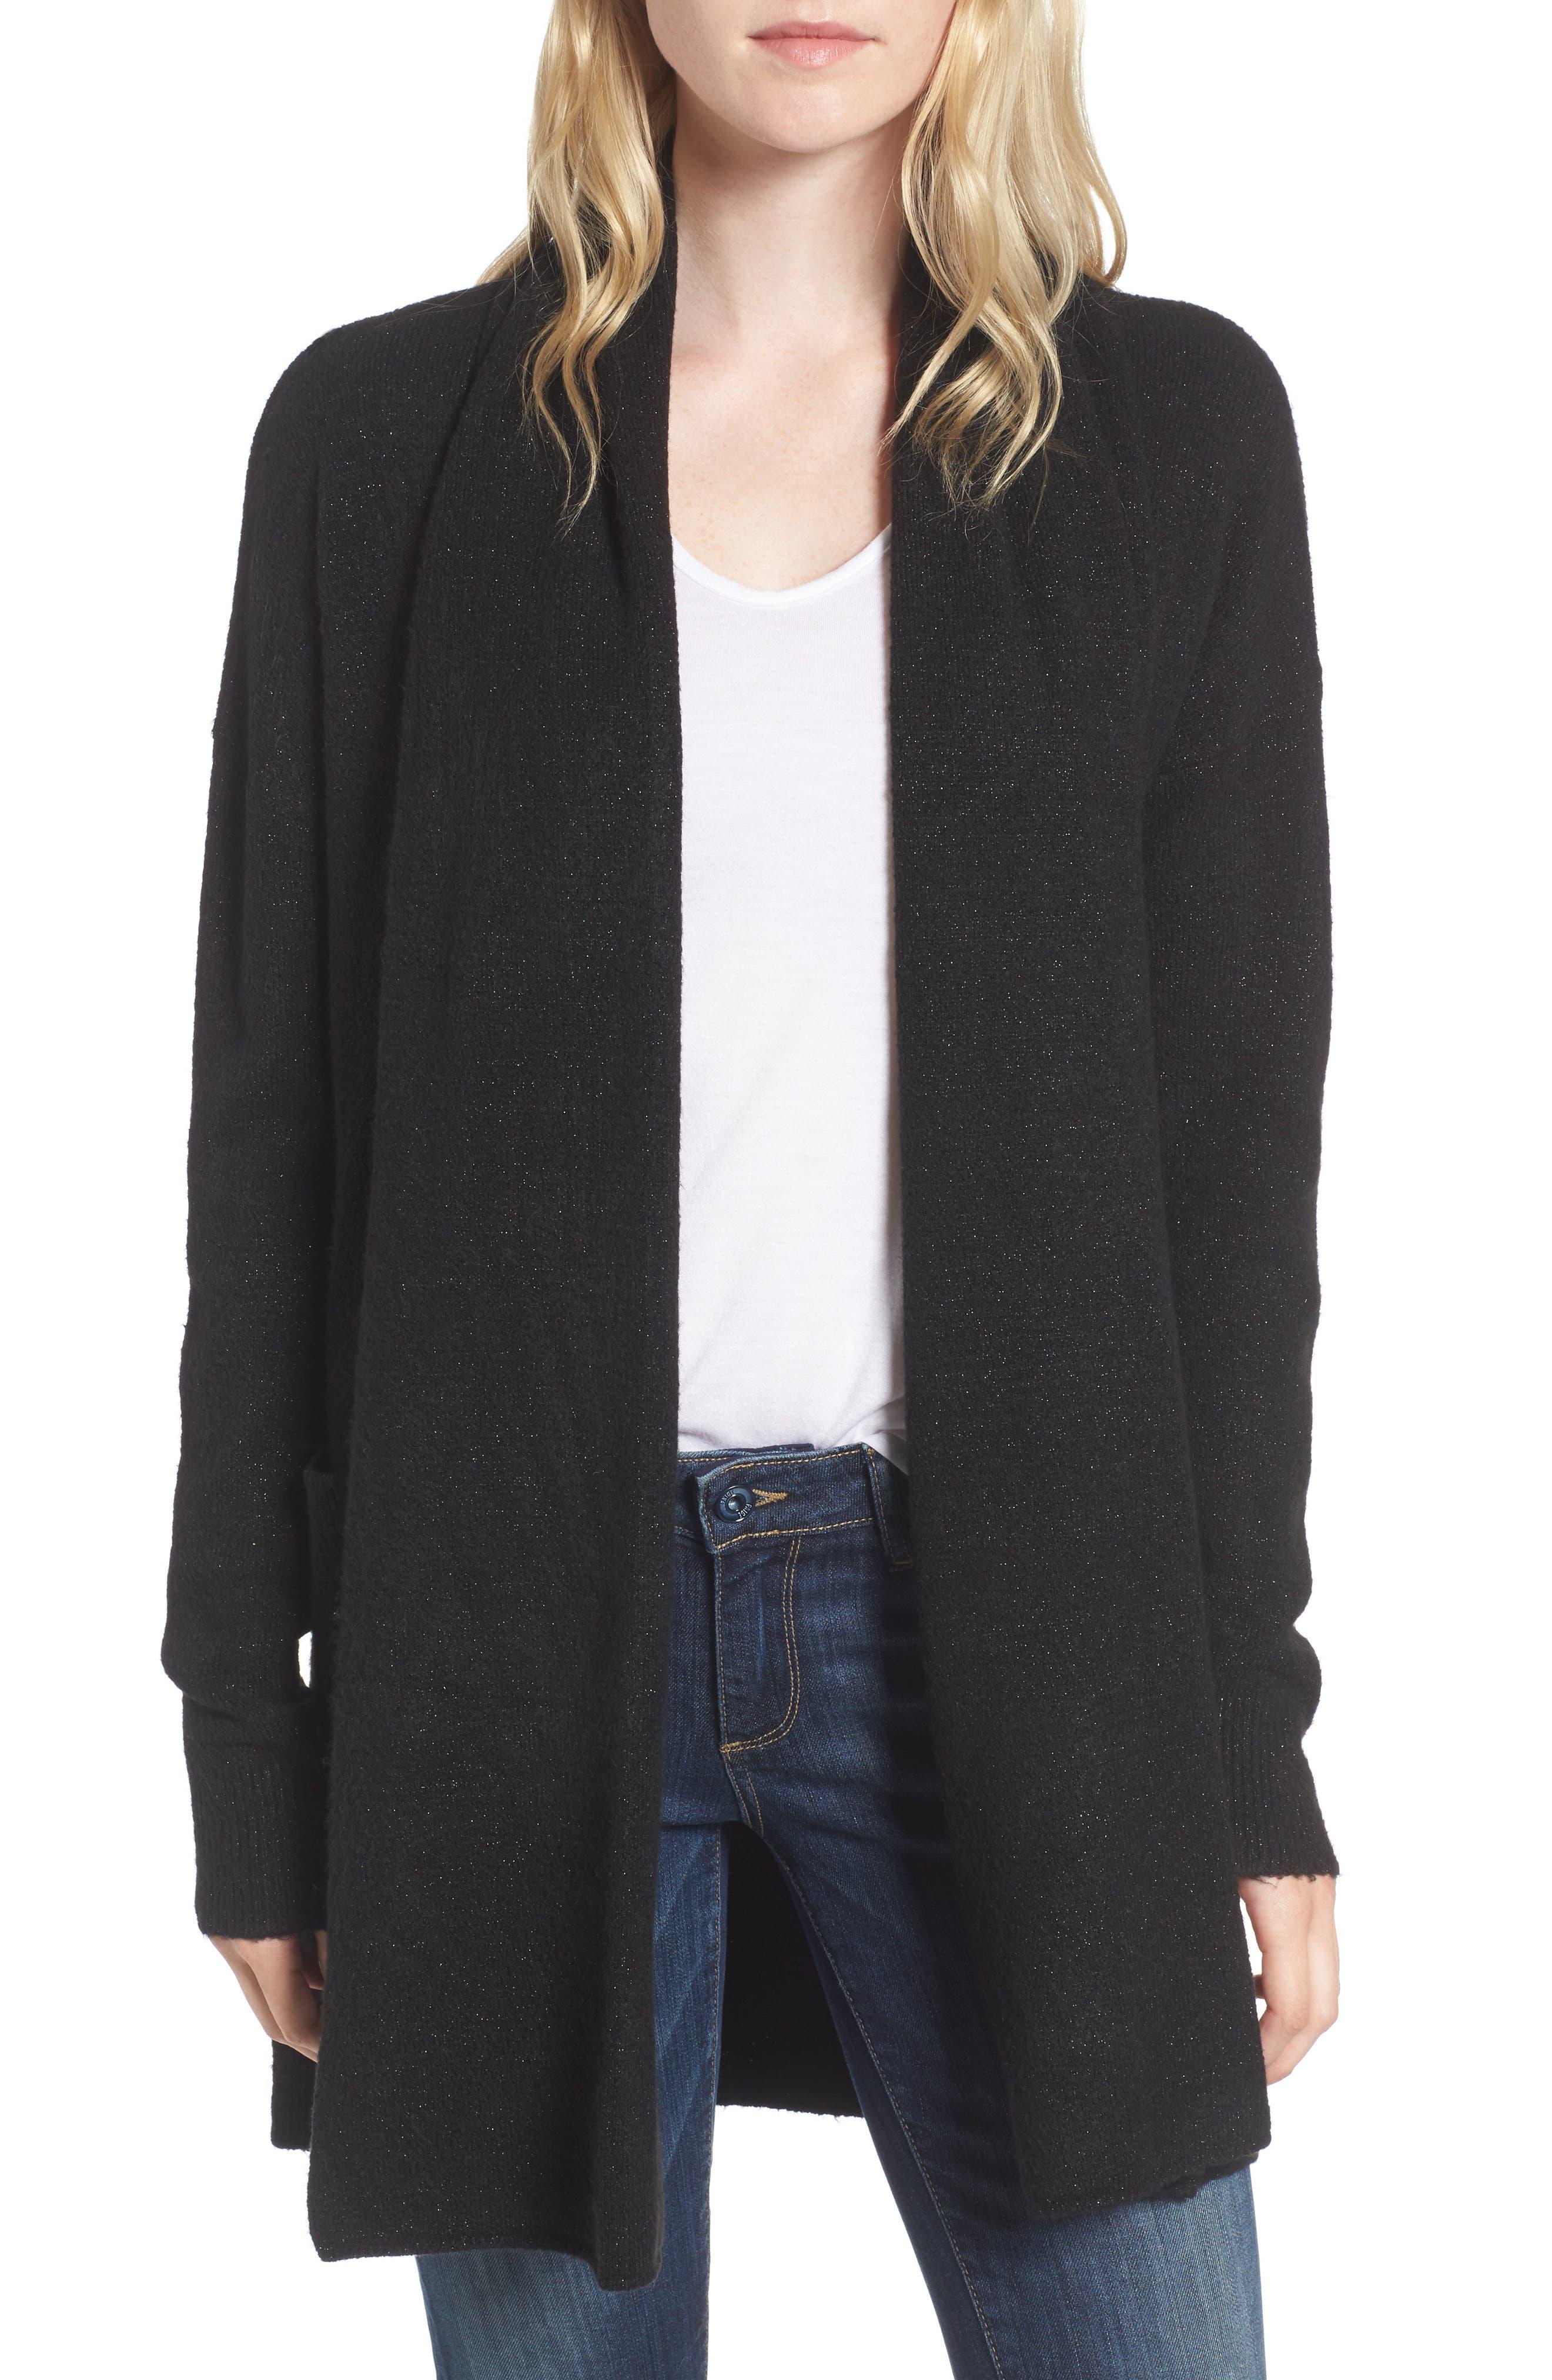 Cardigan Sweater,                         Main,                         color, Black Multi